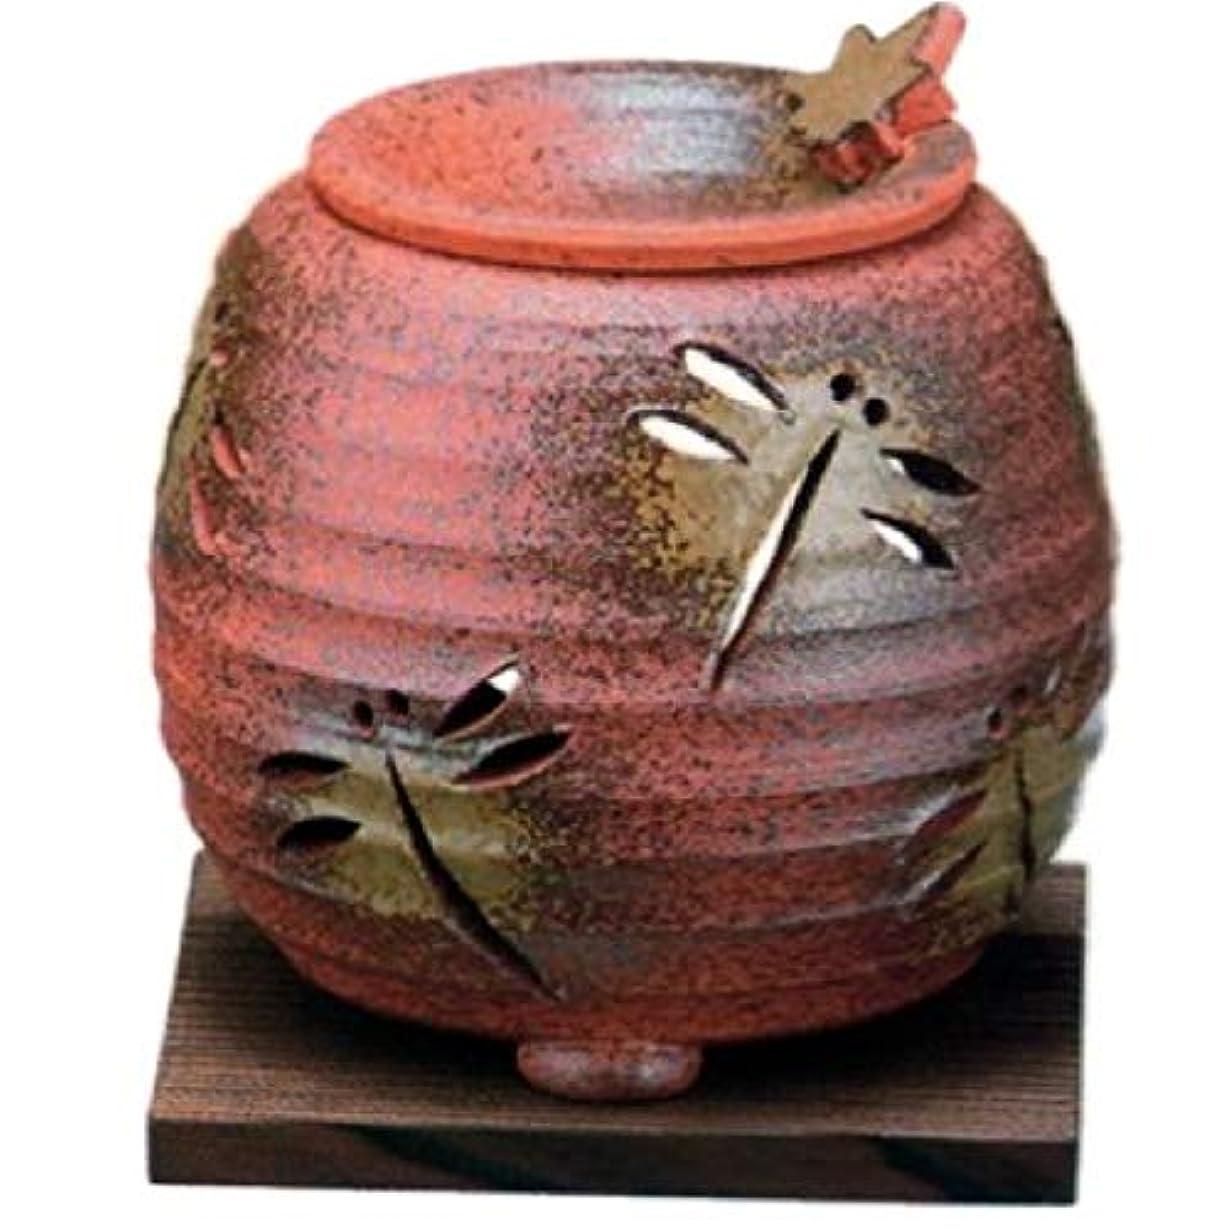 聖職者ダイエット発掘する常滑焼?石龍窯 カ38-07 茶香炉 トンボ 焼杉板付 約φ11×11cm